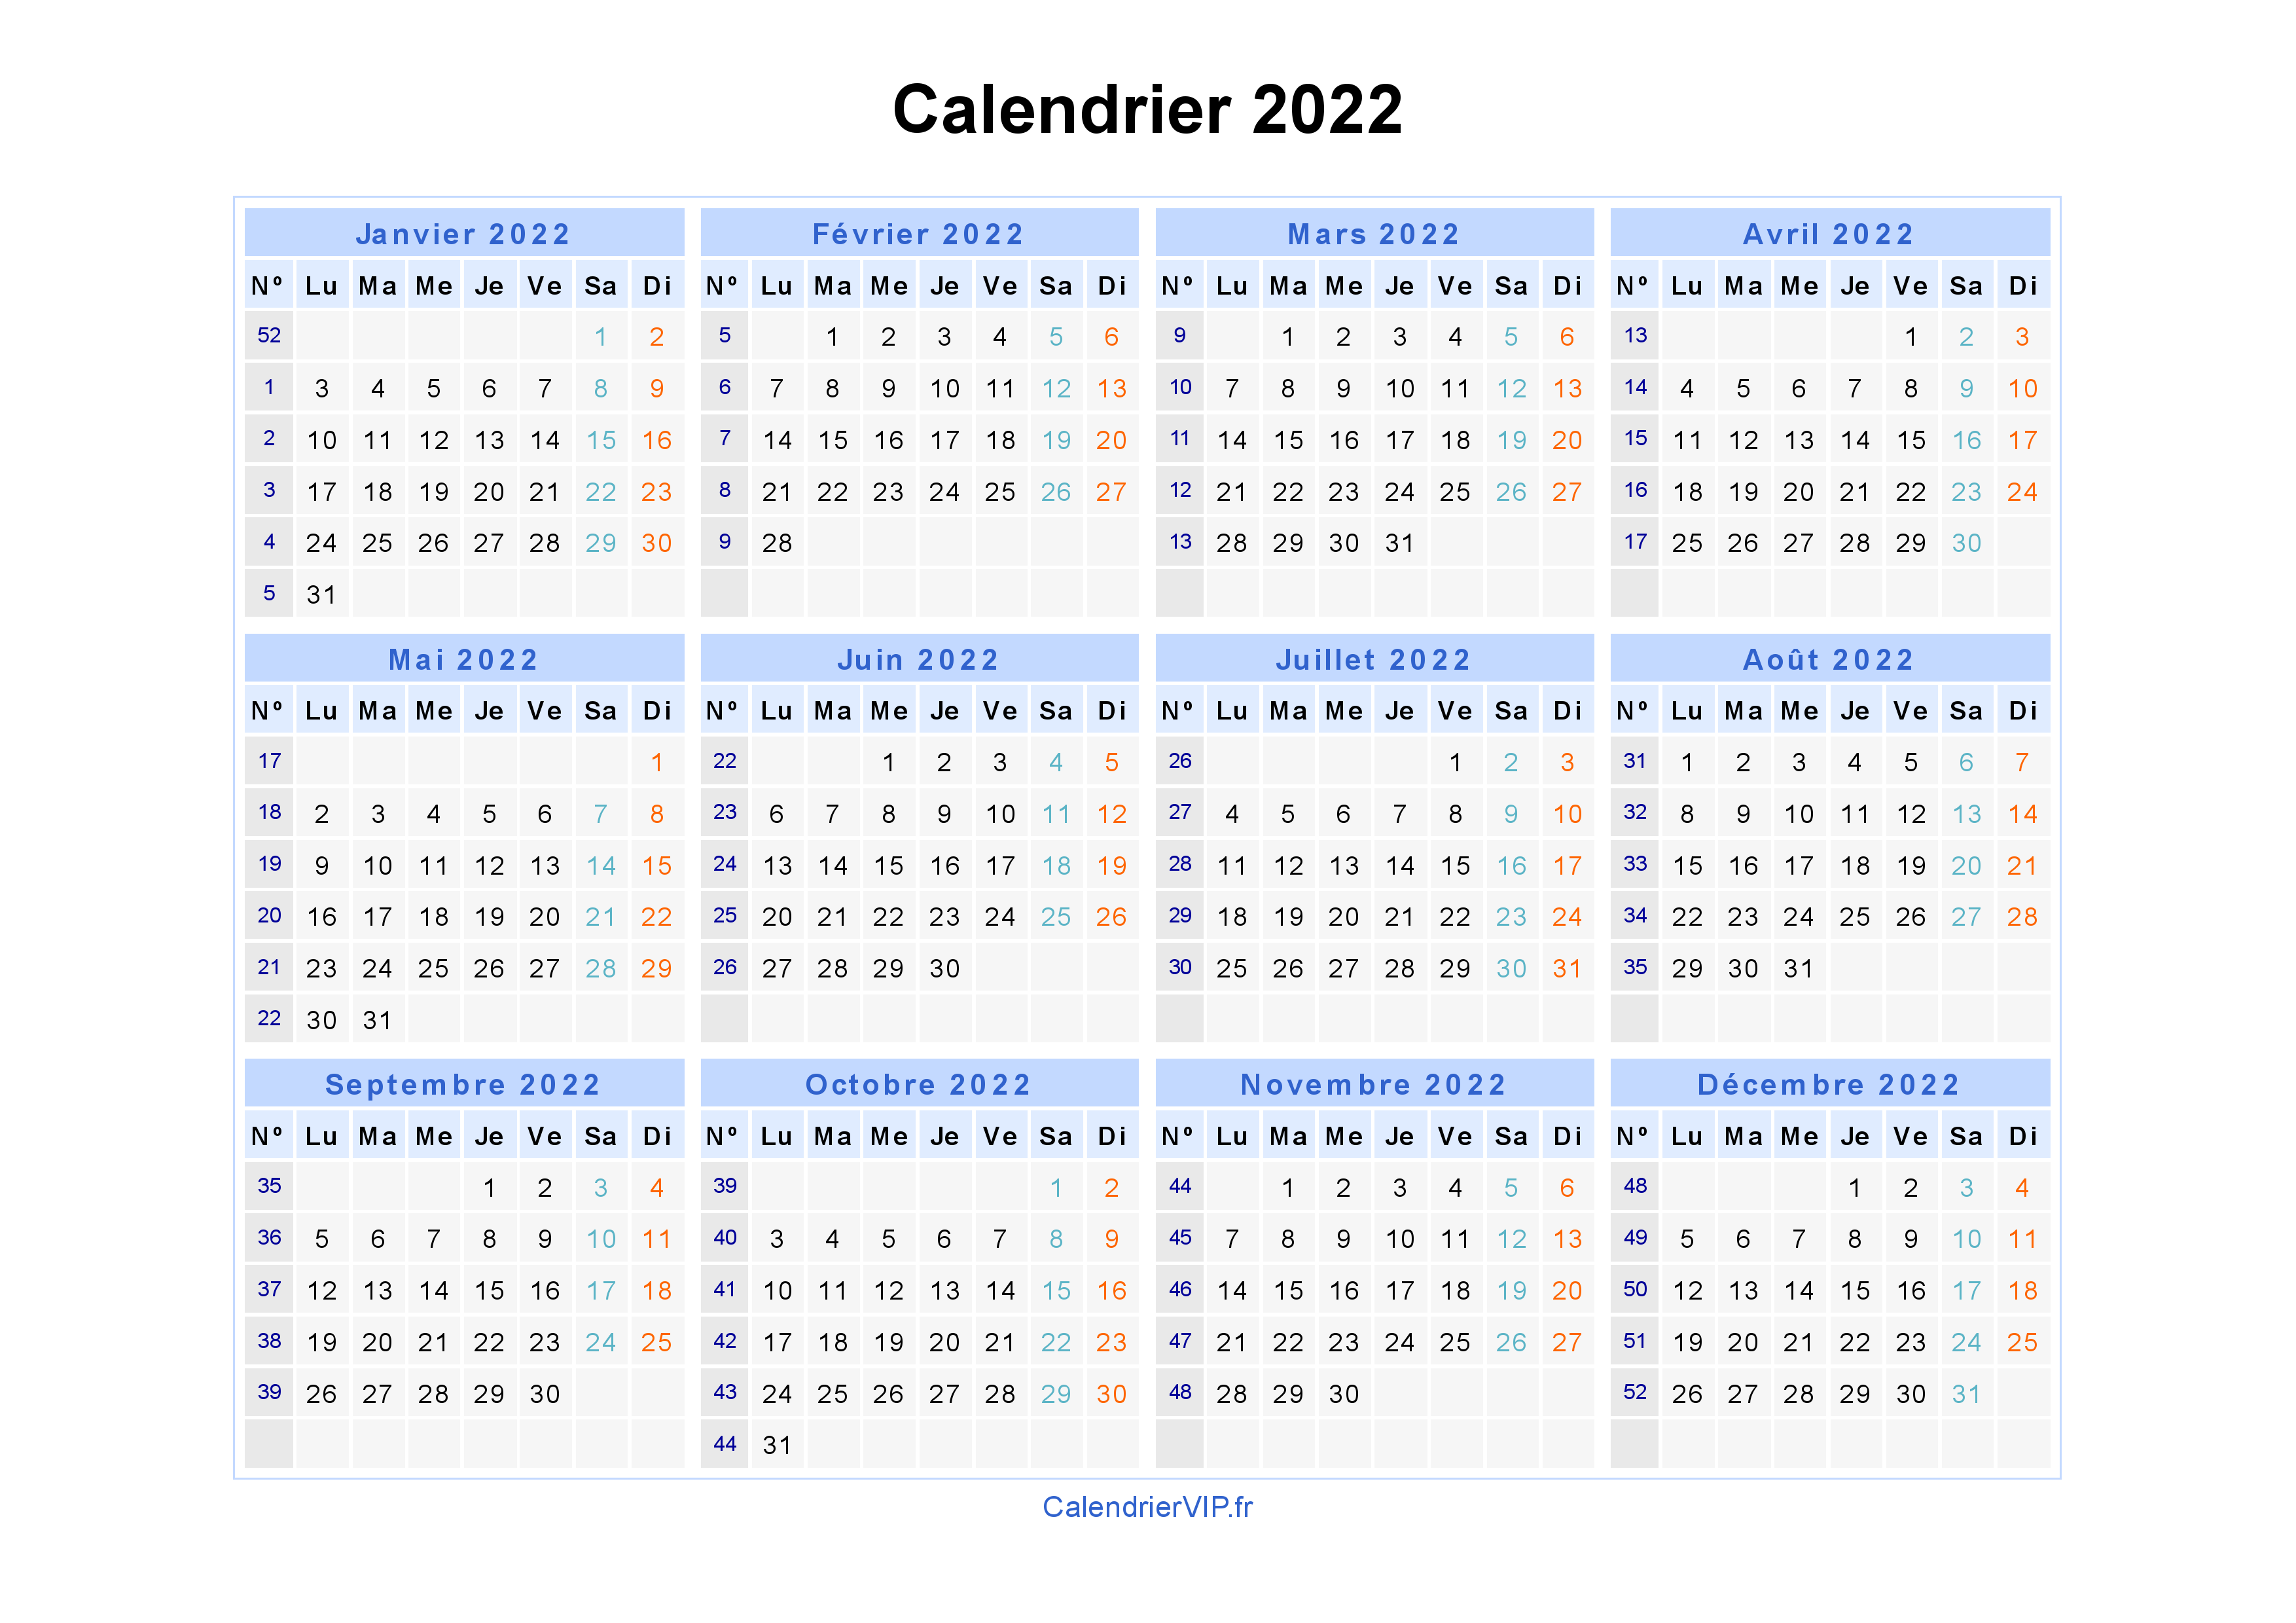 Calendrier 2022 à imprimer gratuit en PDF et Excel